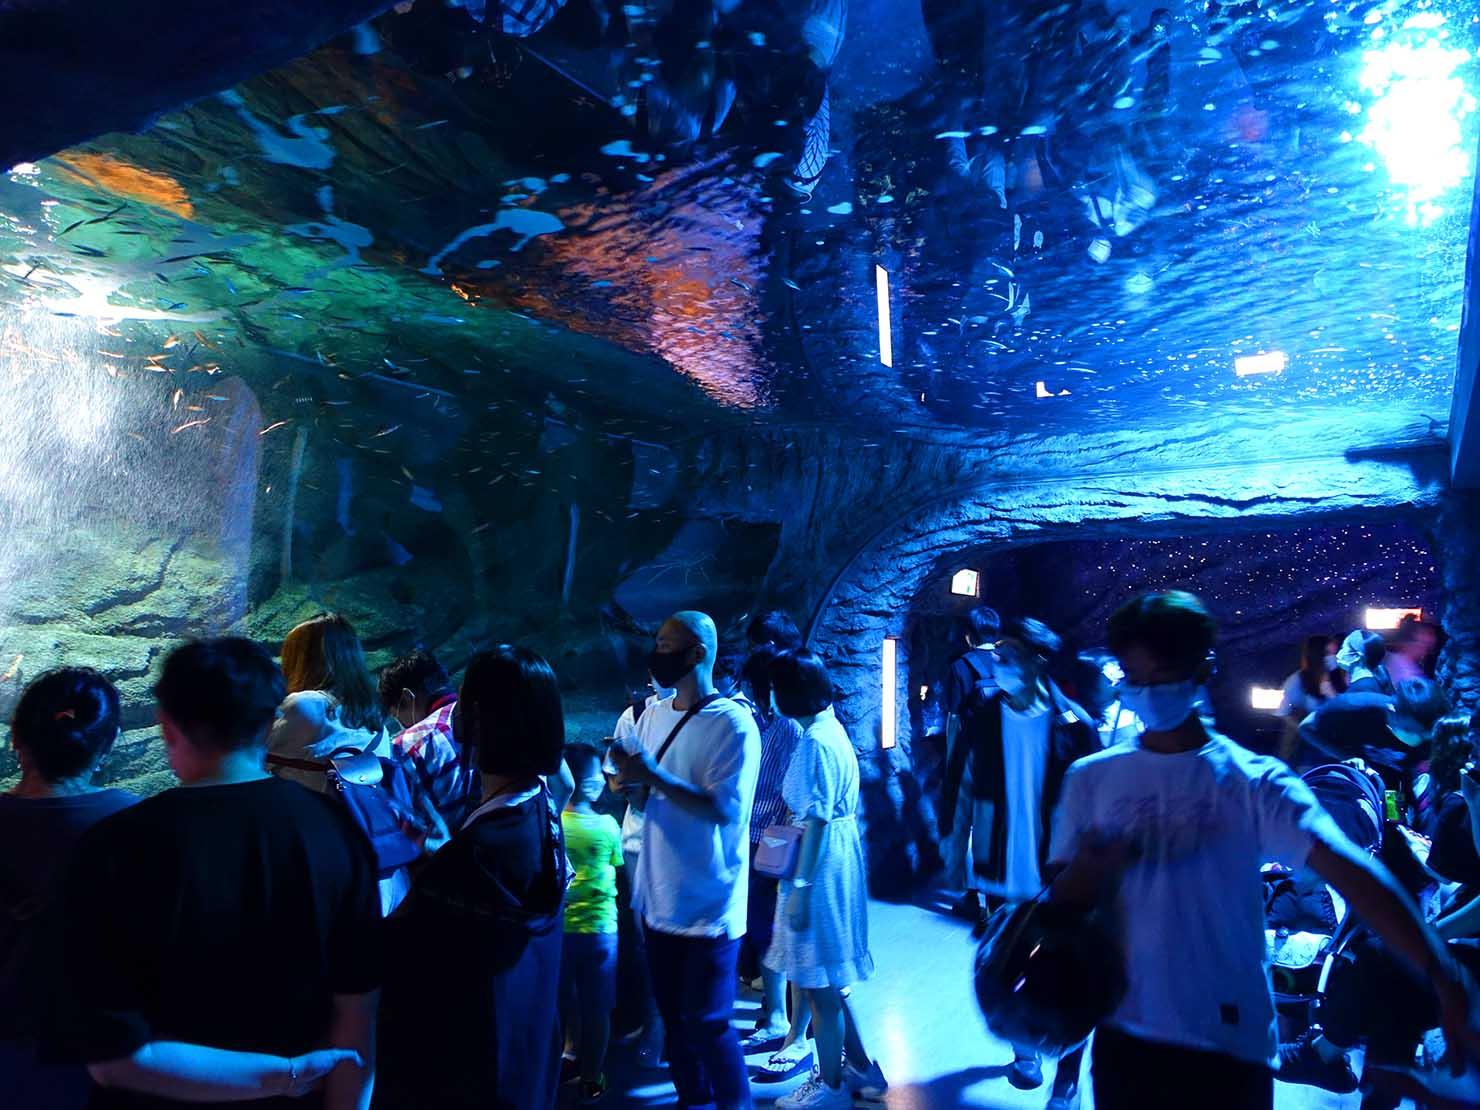 台北に誕生した都市型水族館「Xpark」内エリア「深海尋秘」